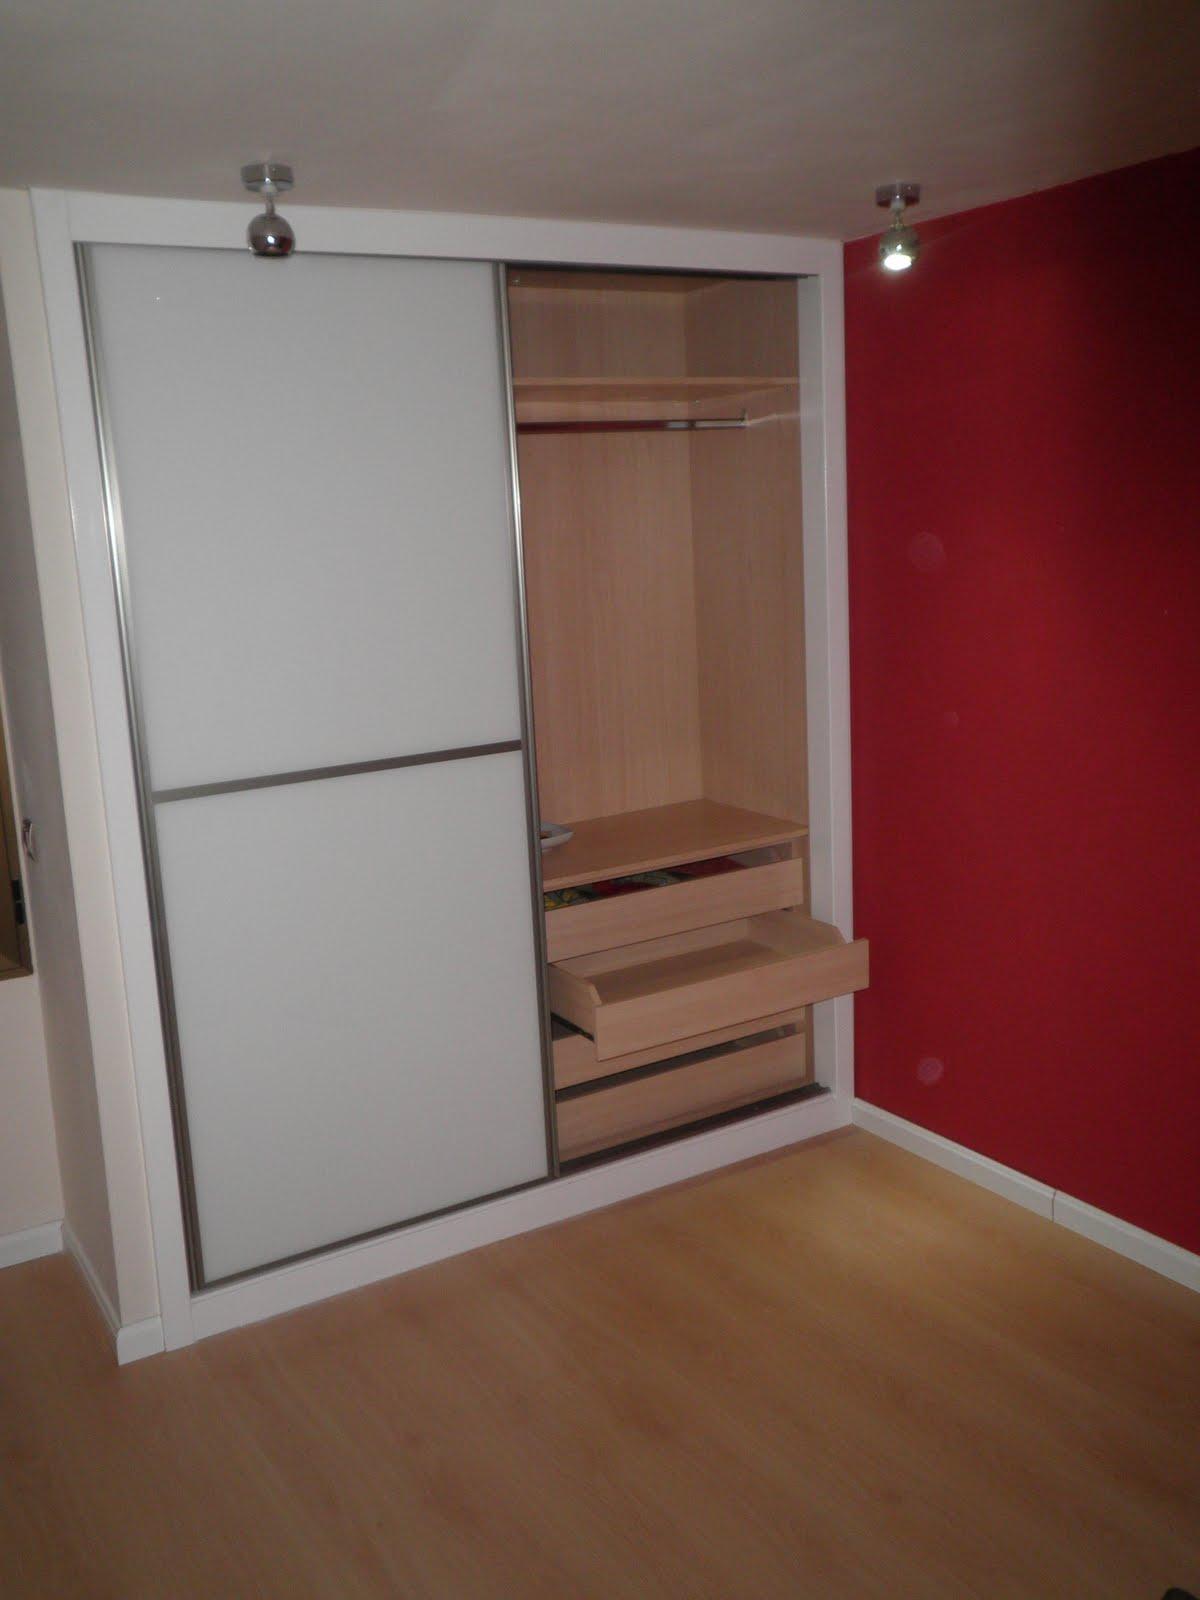 Decoraciones sahuquillo armario puertas correderas cristal - Decoracion armarios empotrados ...